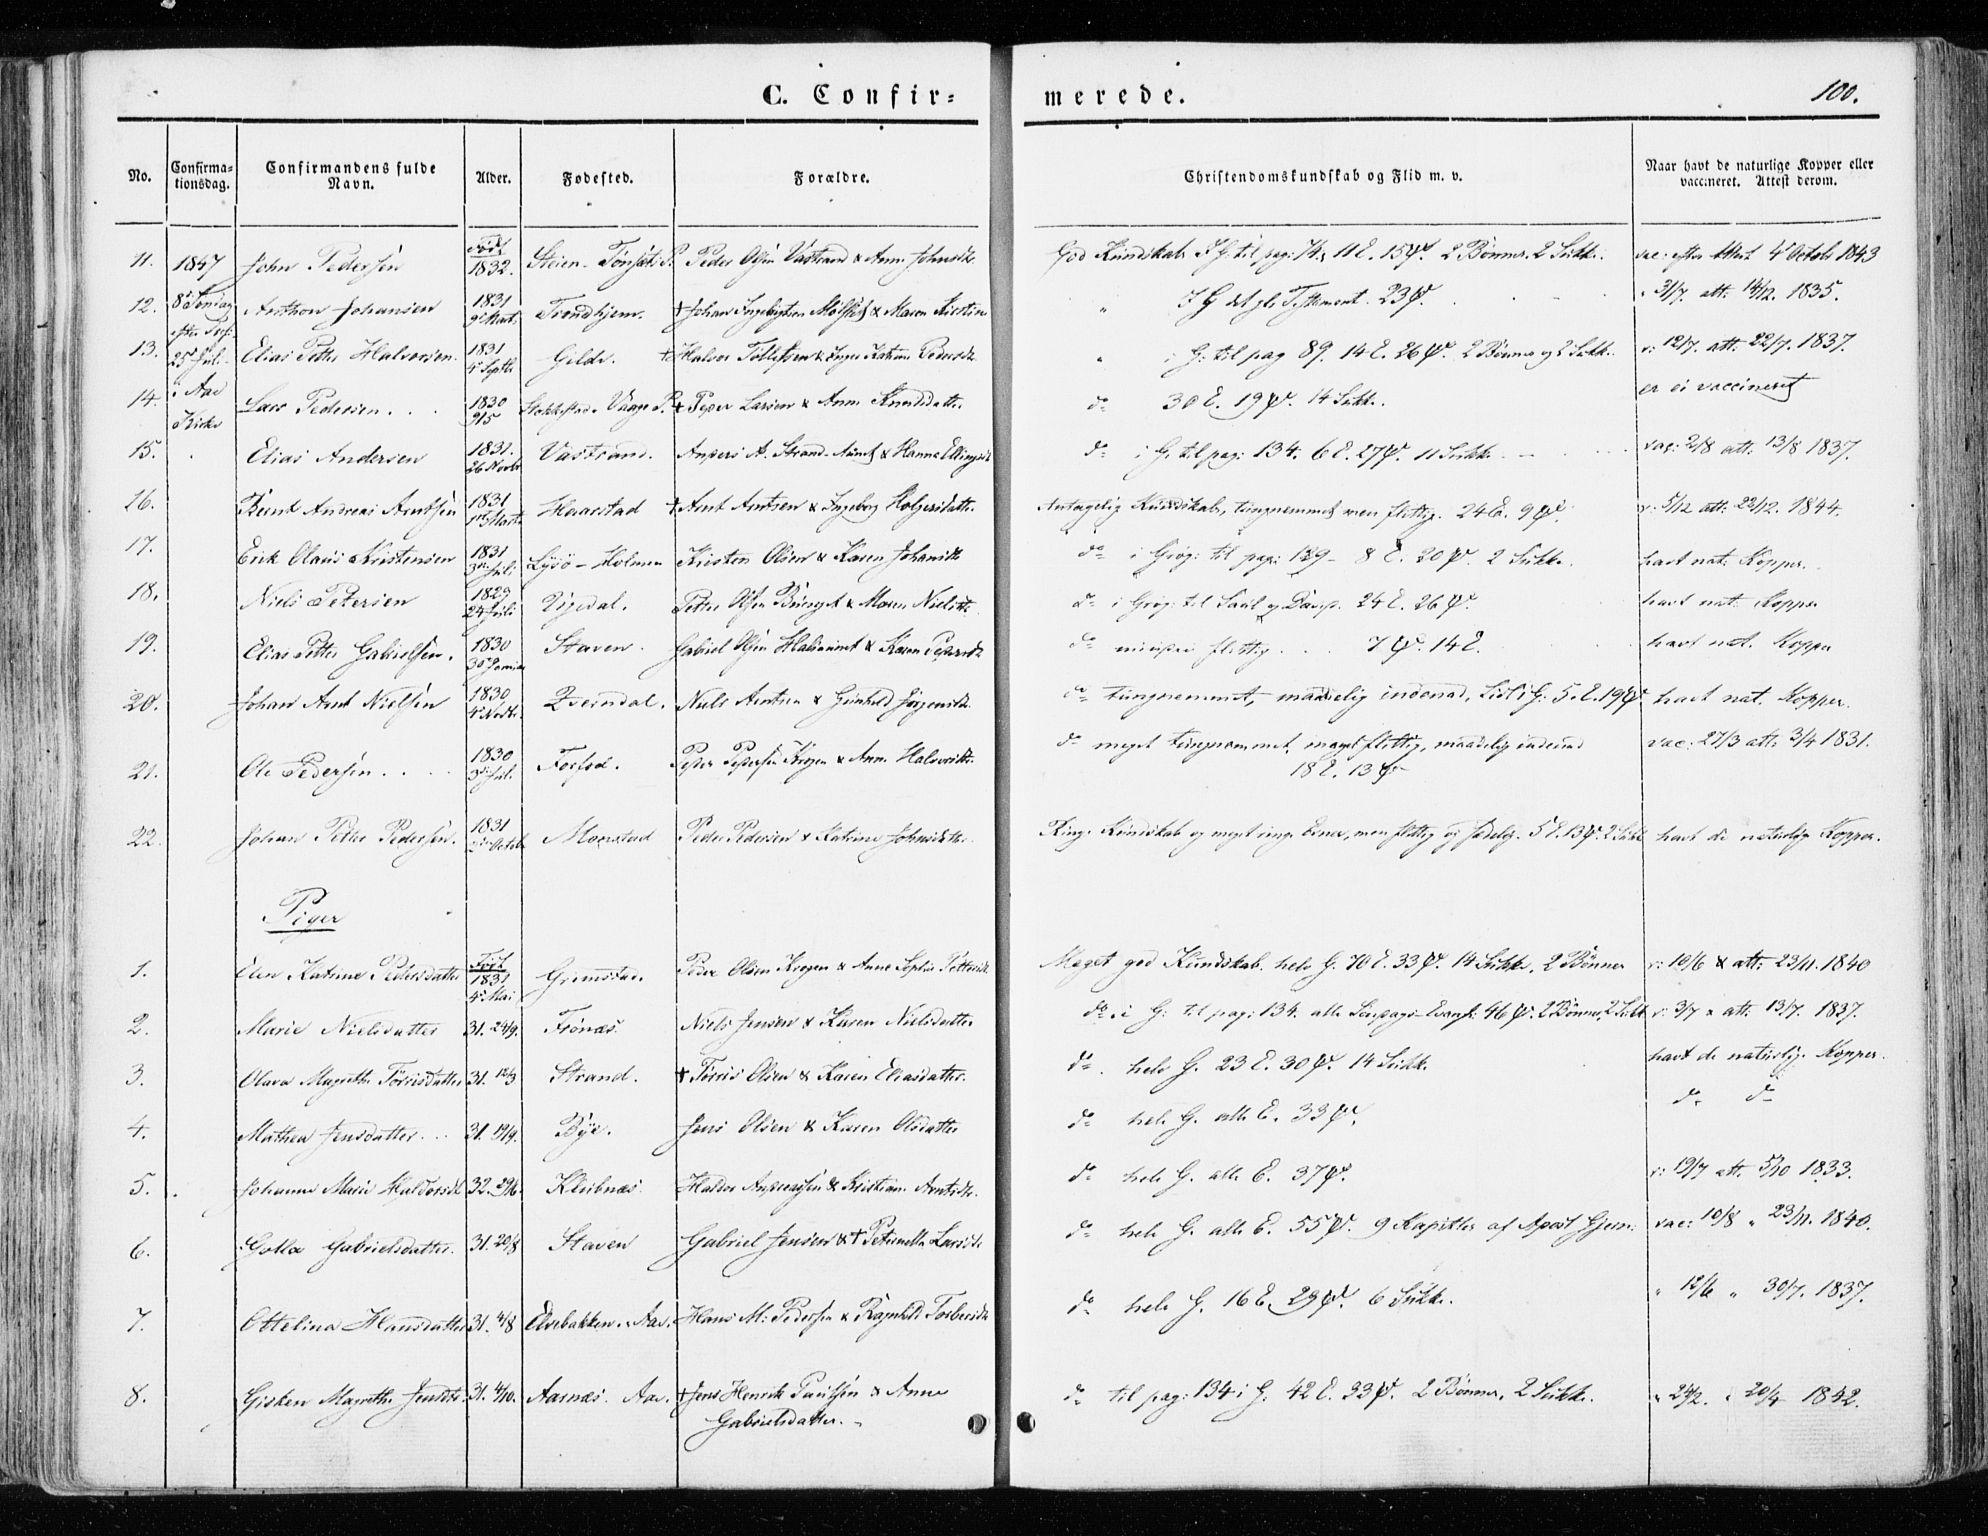 SAT, Ministerialprotokoller, klokkerbøker og fødselsregistre - Sør-Trøndelag, 655/L0677: Ministerialbok nr. 655A06, 1847-1860, s. 100